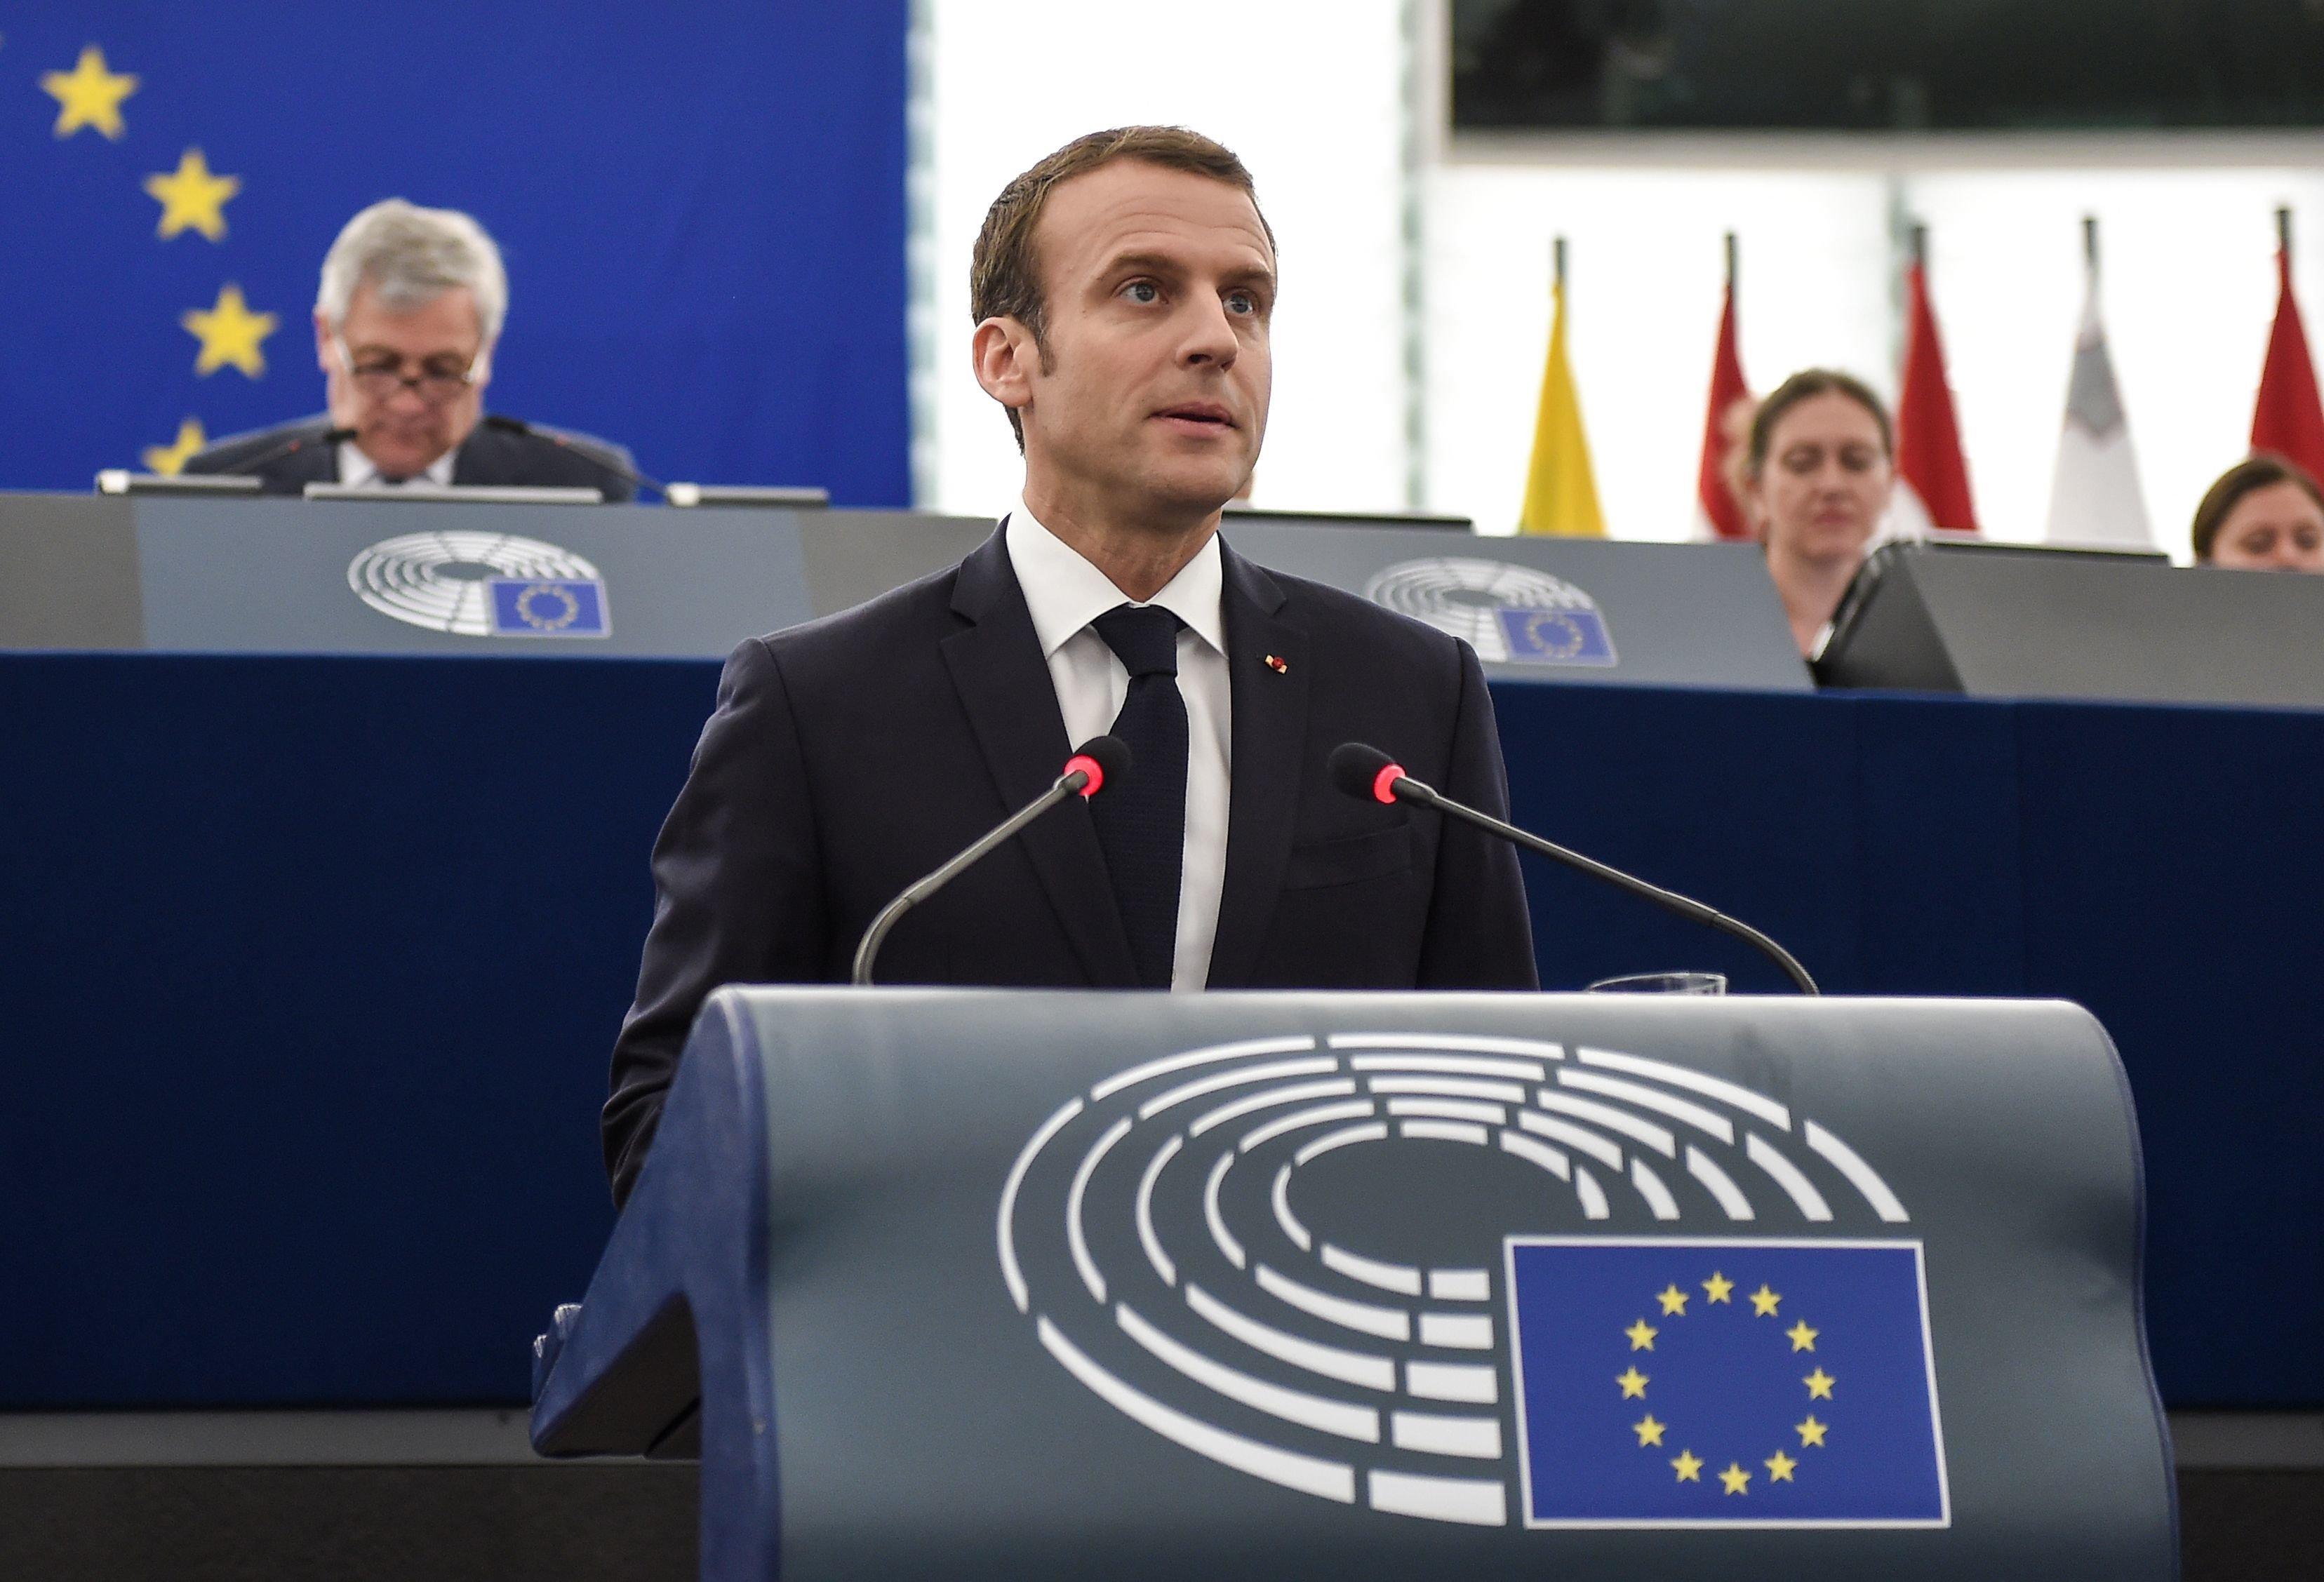 Macron fordert höheres Reformtempo in der EU